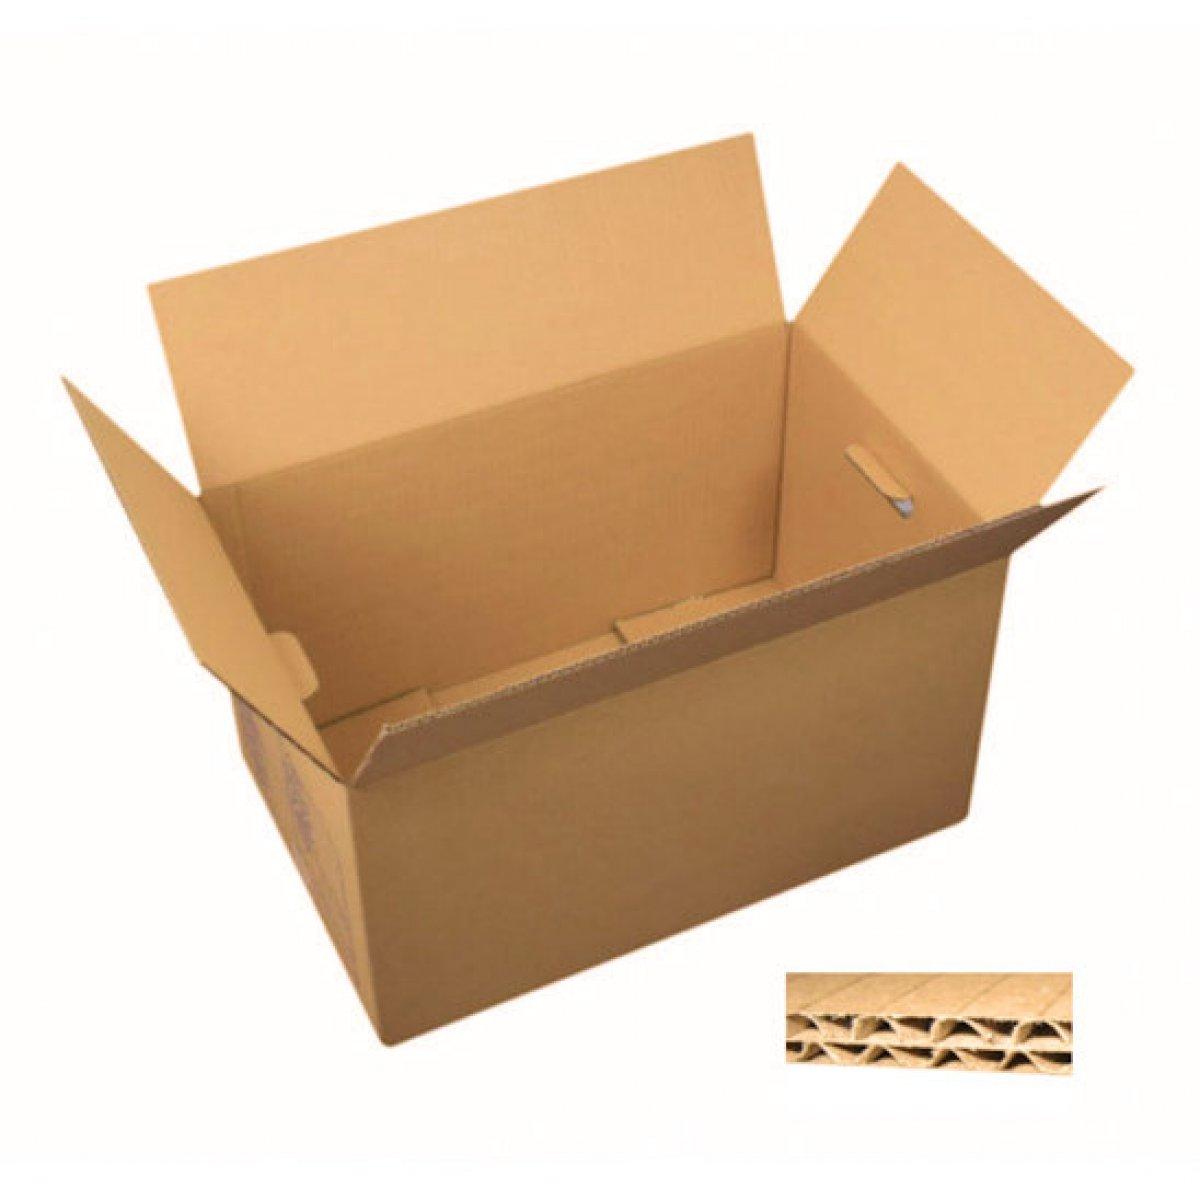 Déménagement : quels sont les facteurs essentiels à prendre en compte pour choisir une entreprise de déménagement ?